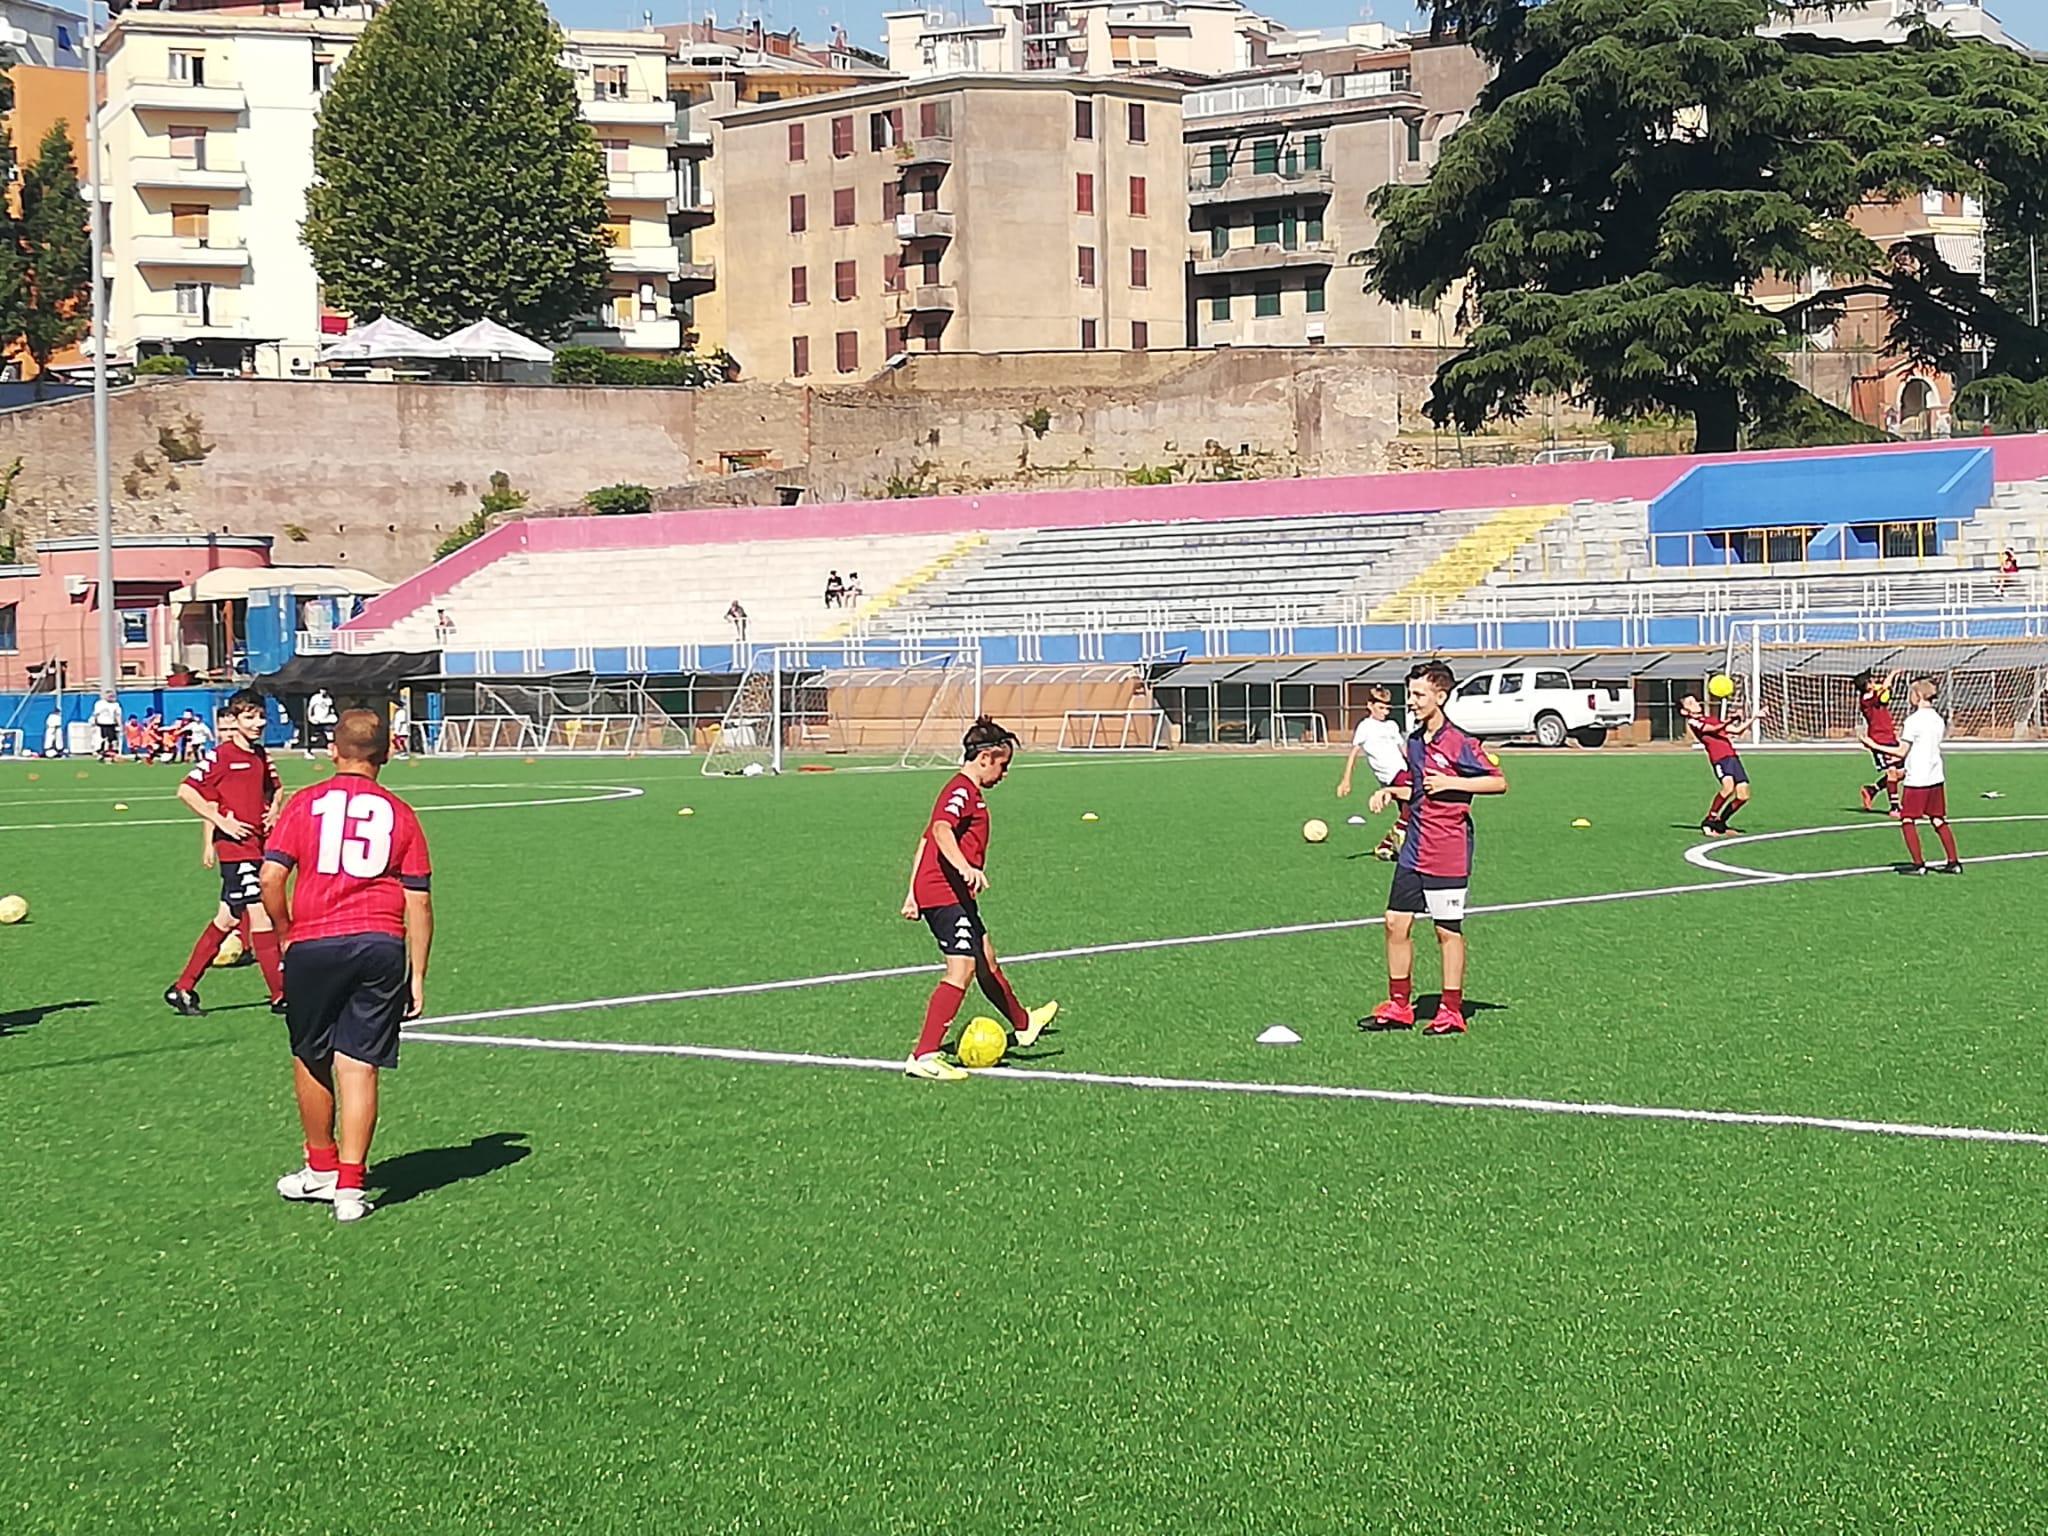 Tivoli Calcio, la CSS presenta l'organico tecnico delle selezioni giovanili - FOTO